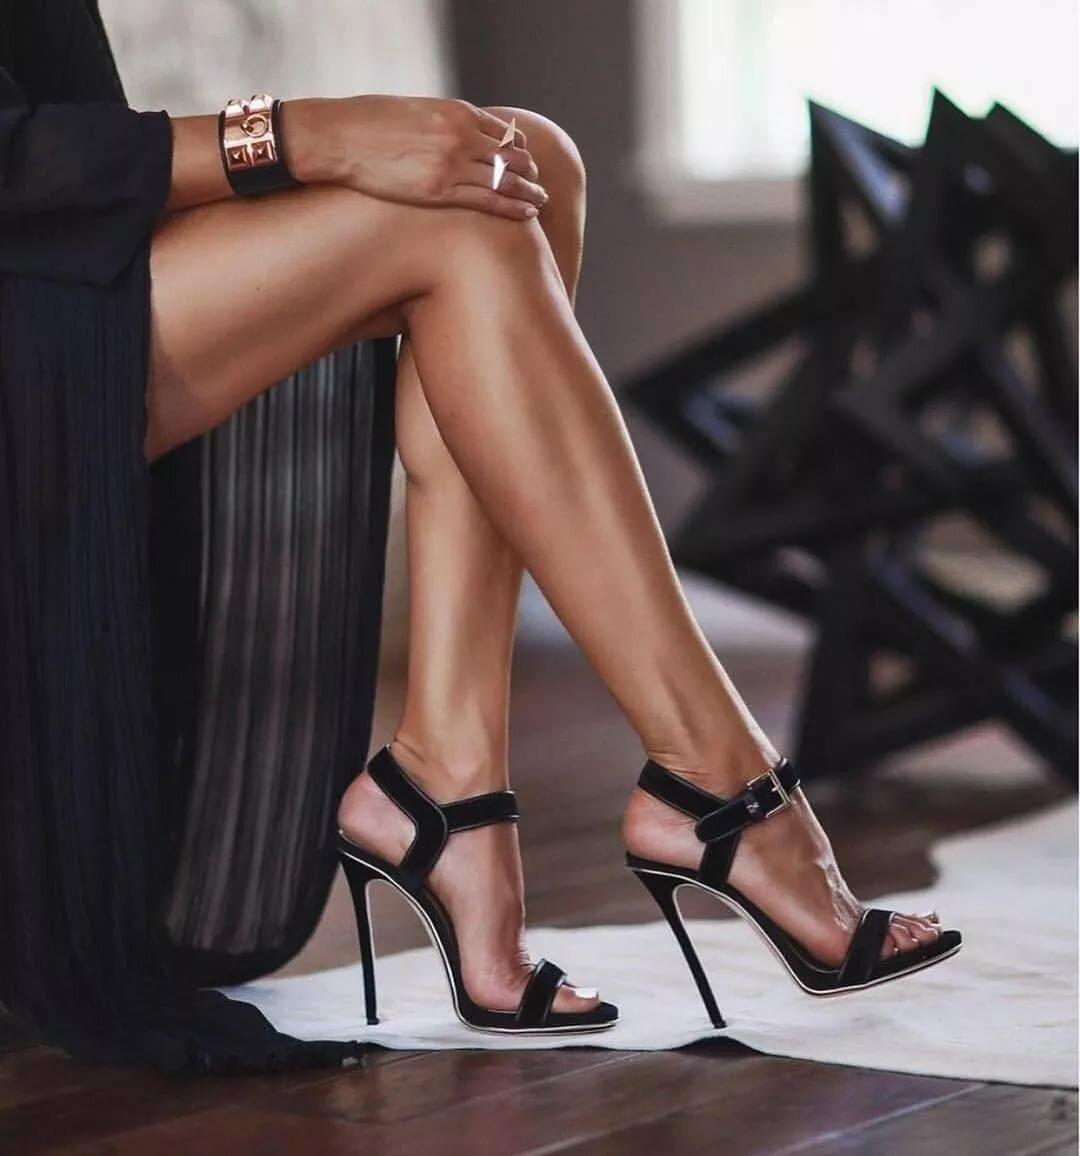 Красивые картинки с женскими ногами